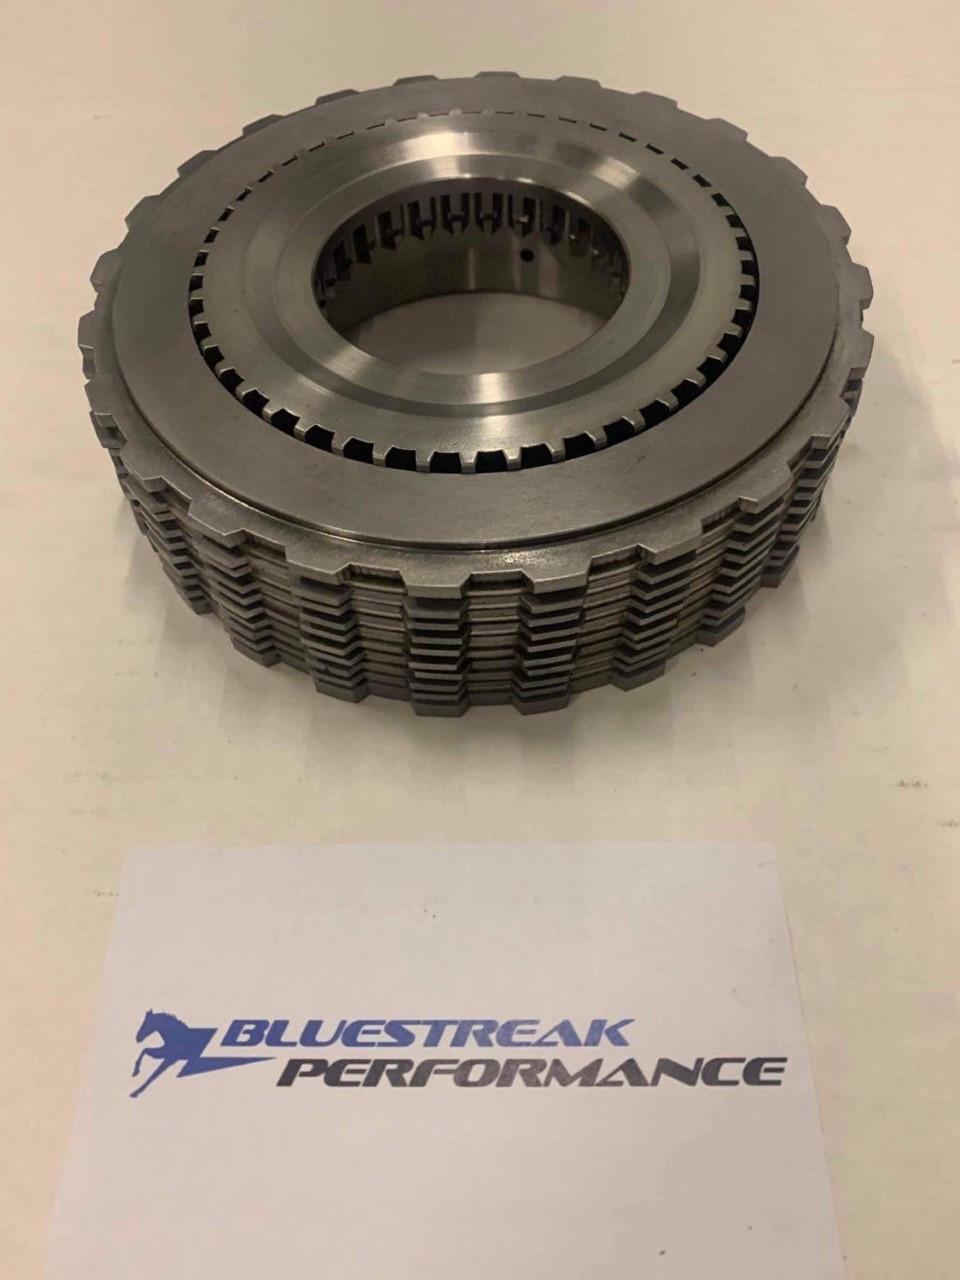 Bluestreak 6R80 E-Clutch Kit Upgrade 3-4 Shift (11-17 Mustang / F150)